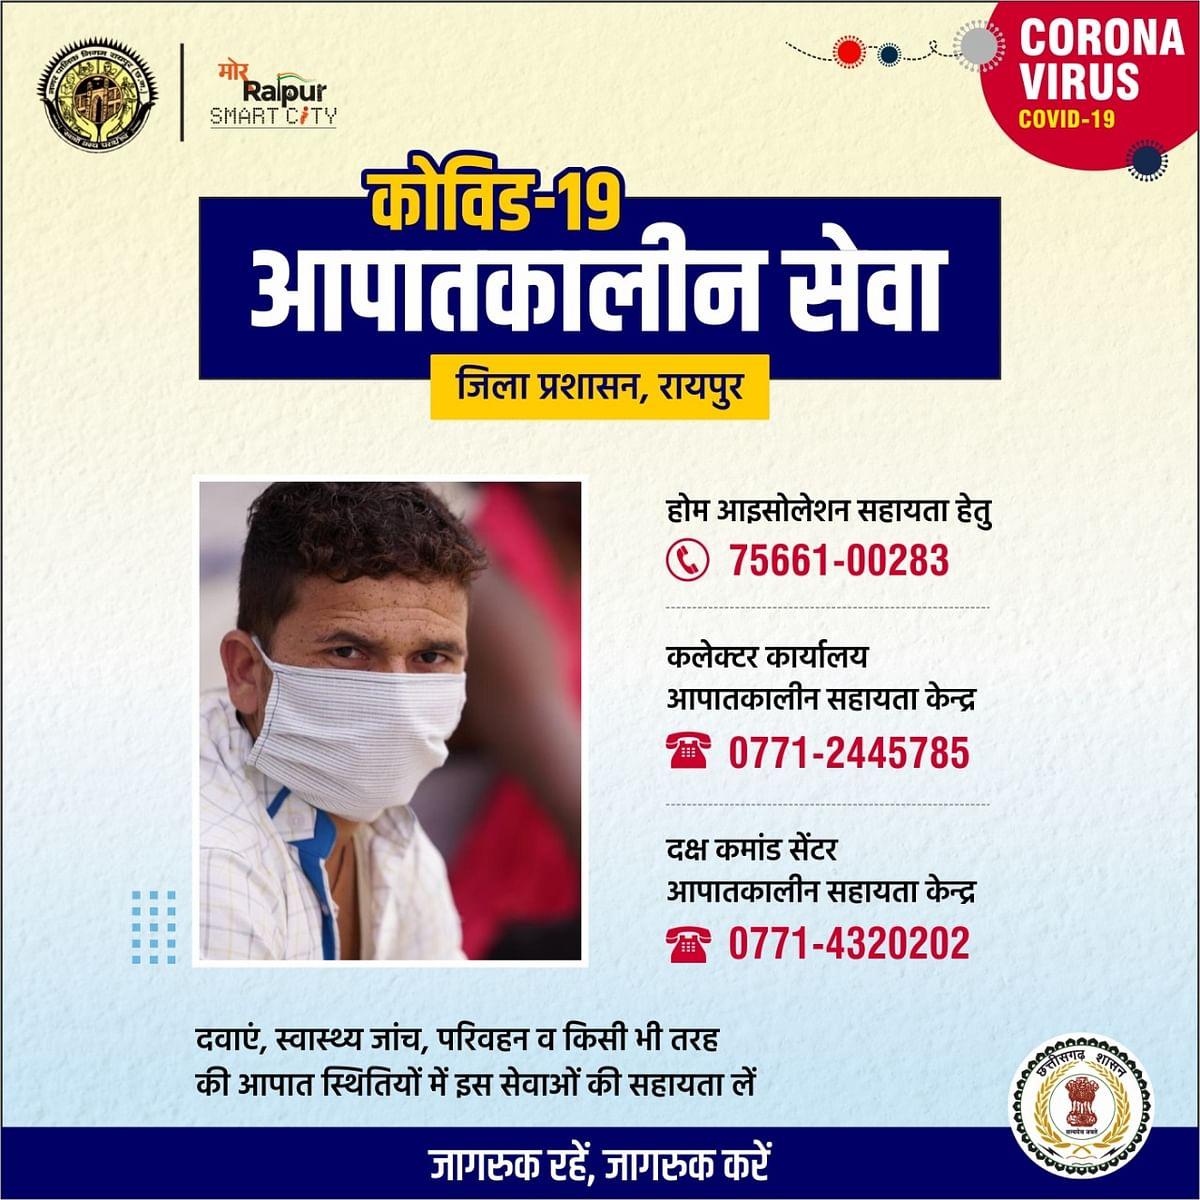 कोविड-19 के मरीजों की होमआइसोलेशन,एम्बुलेस व्यवस्था के लिए टेलीफोन नम्बर जारी